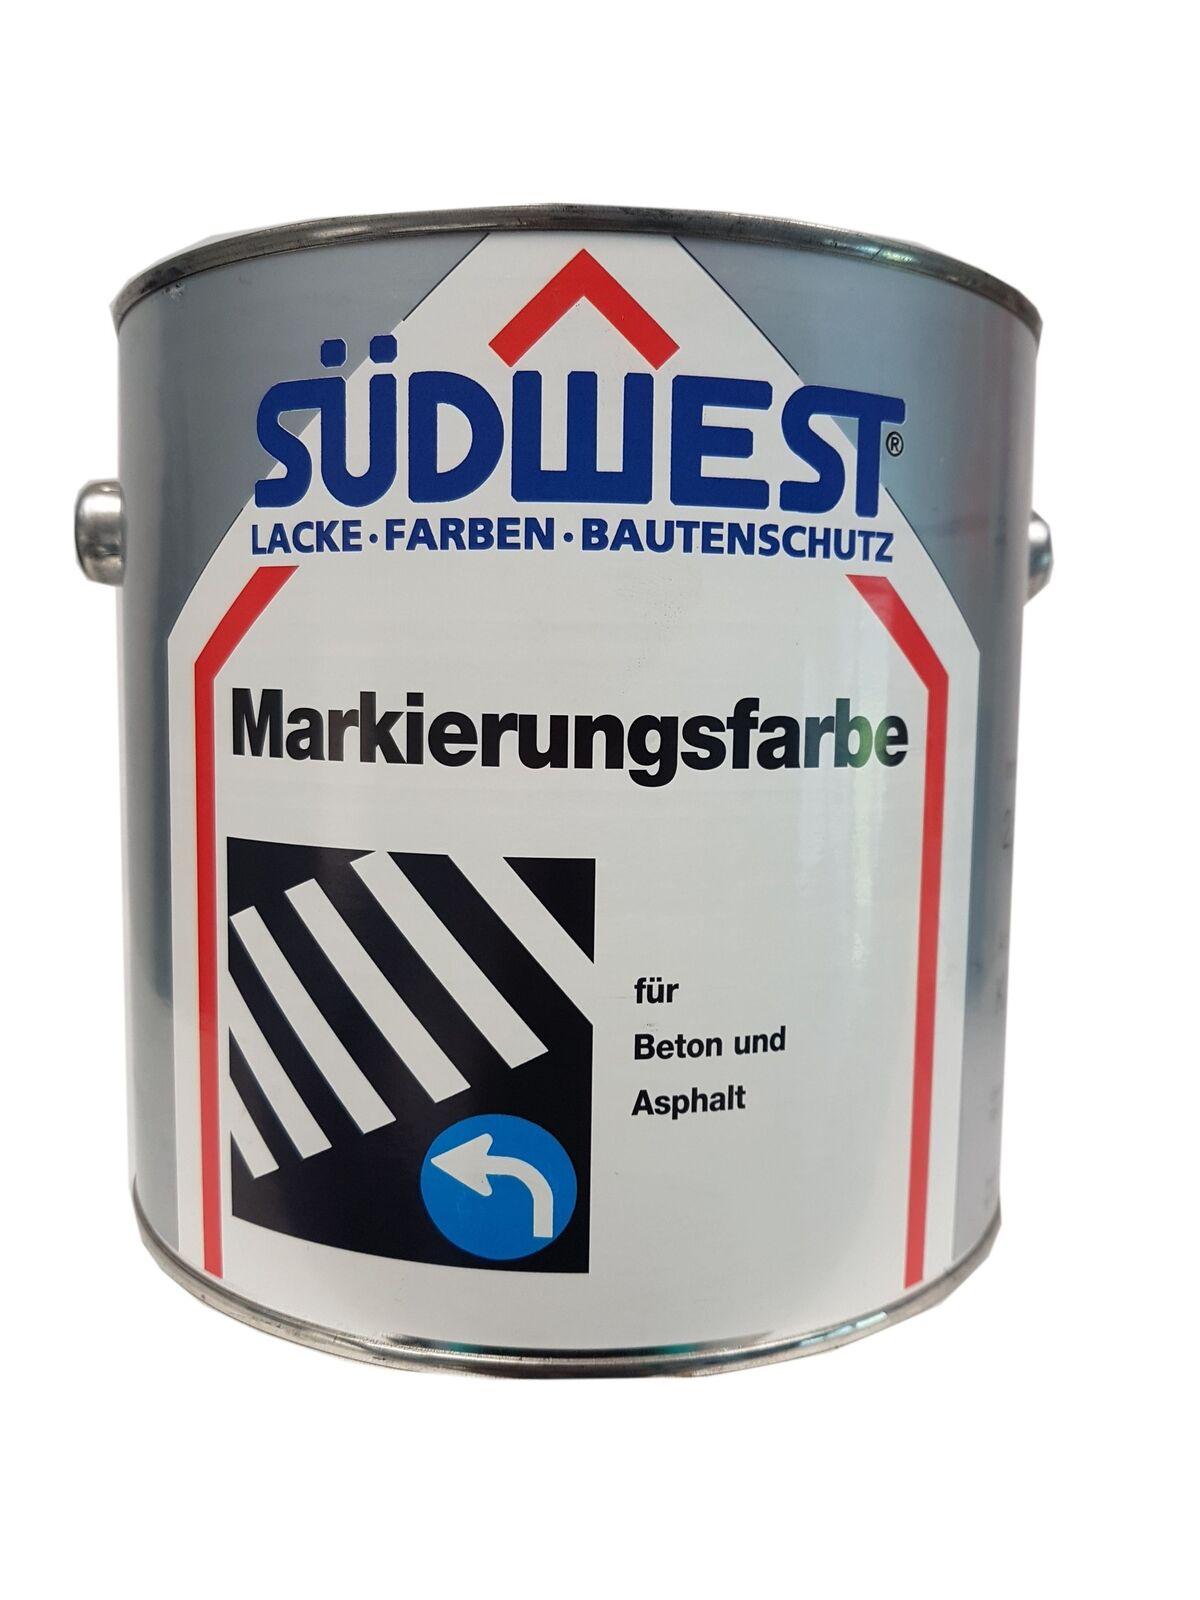 SÜDWEST Markierungsfarbe K 26 für Beton und Asphalt  Matt  Farbton wählbar 2,5 L